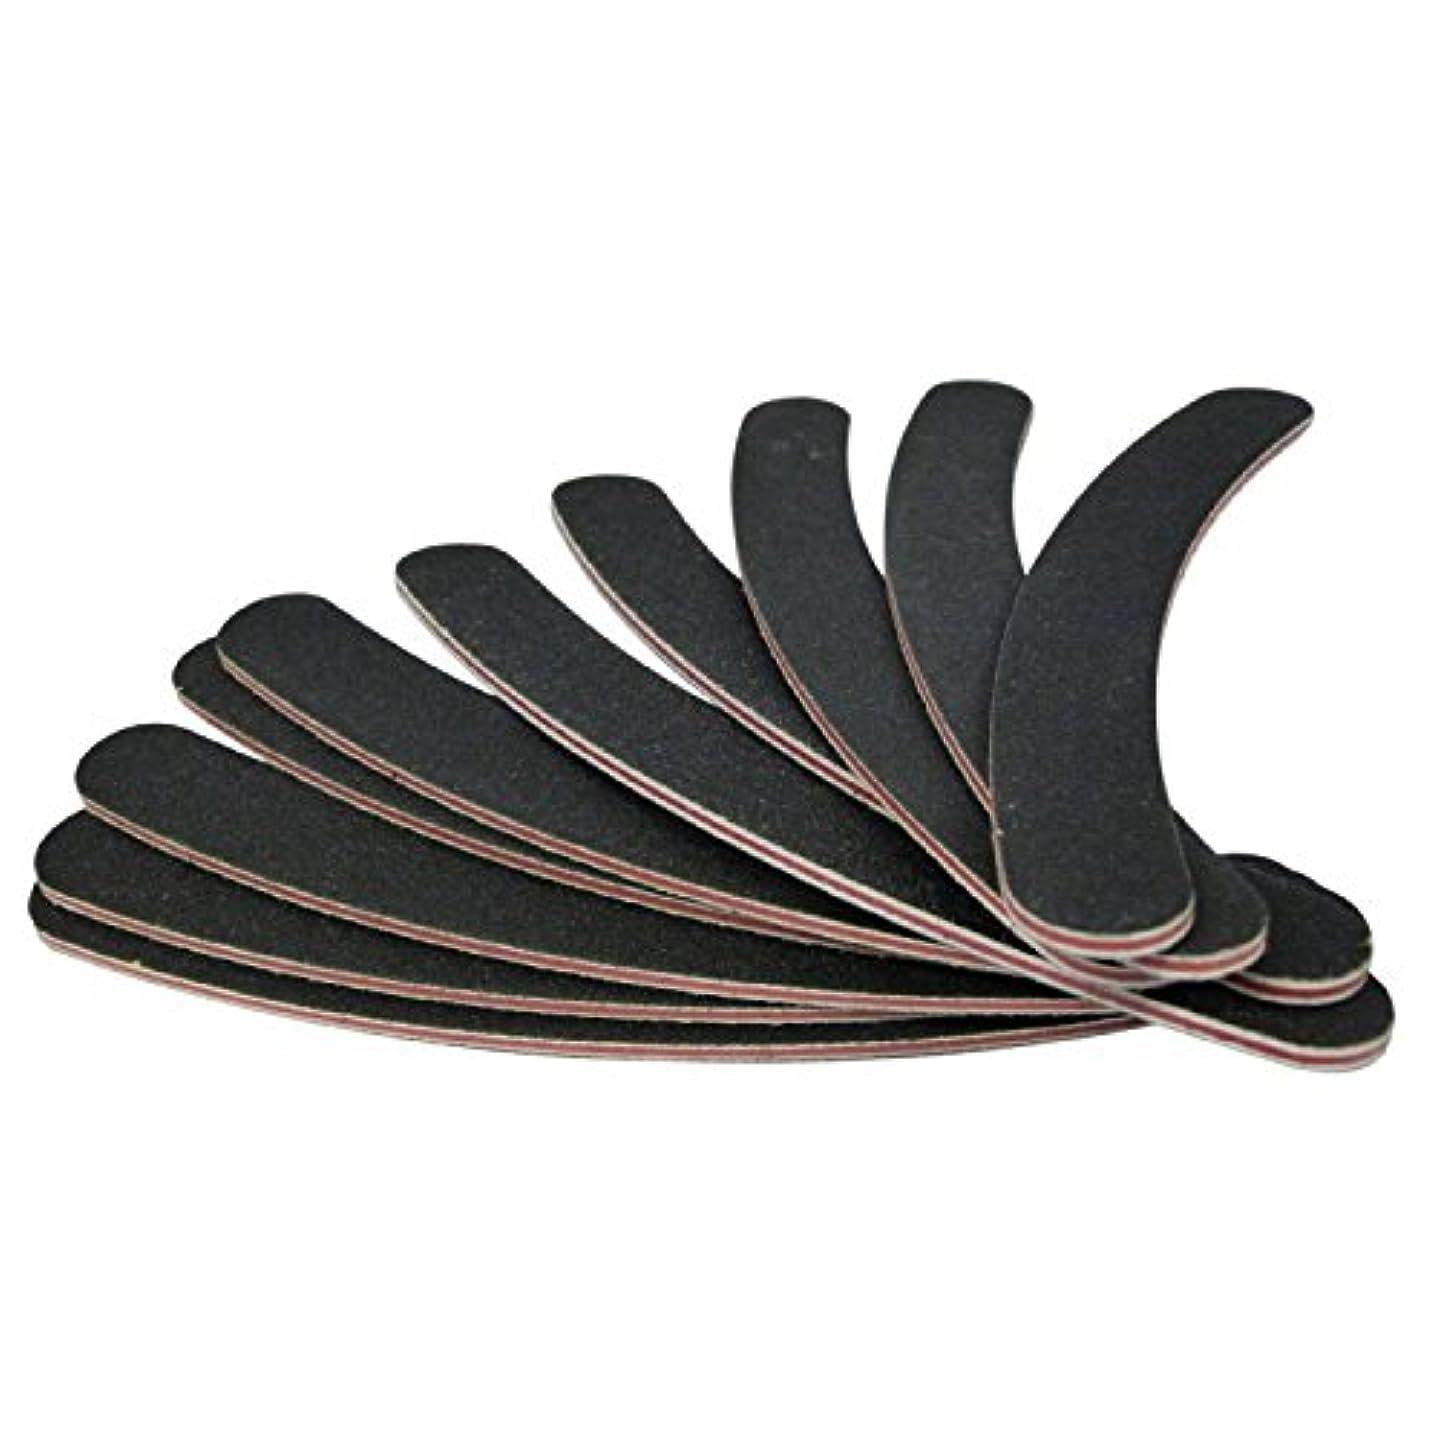 よろめく摂氏雇うSODIAL(R) 10両面のカーブの爪やすり、エメリーボード100/180